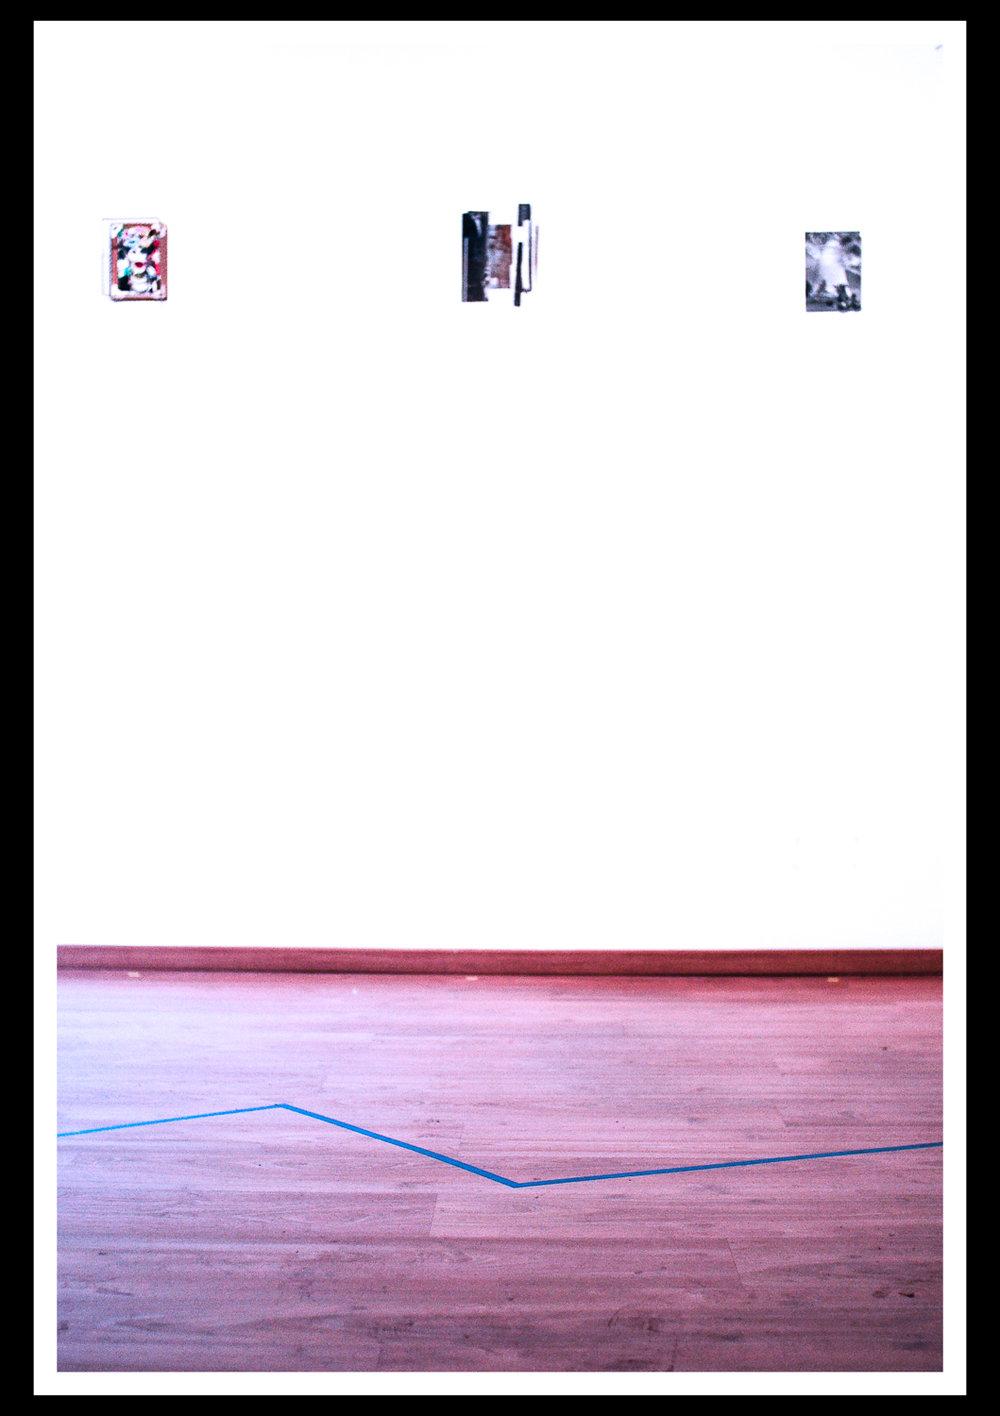 BardohlScheel-ExhibitionPhotos-HEYDT-3.jpg